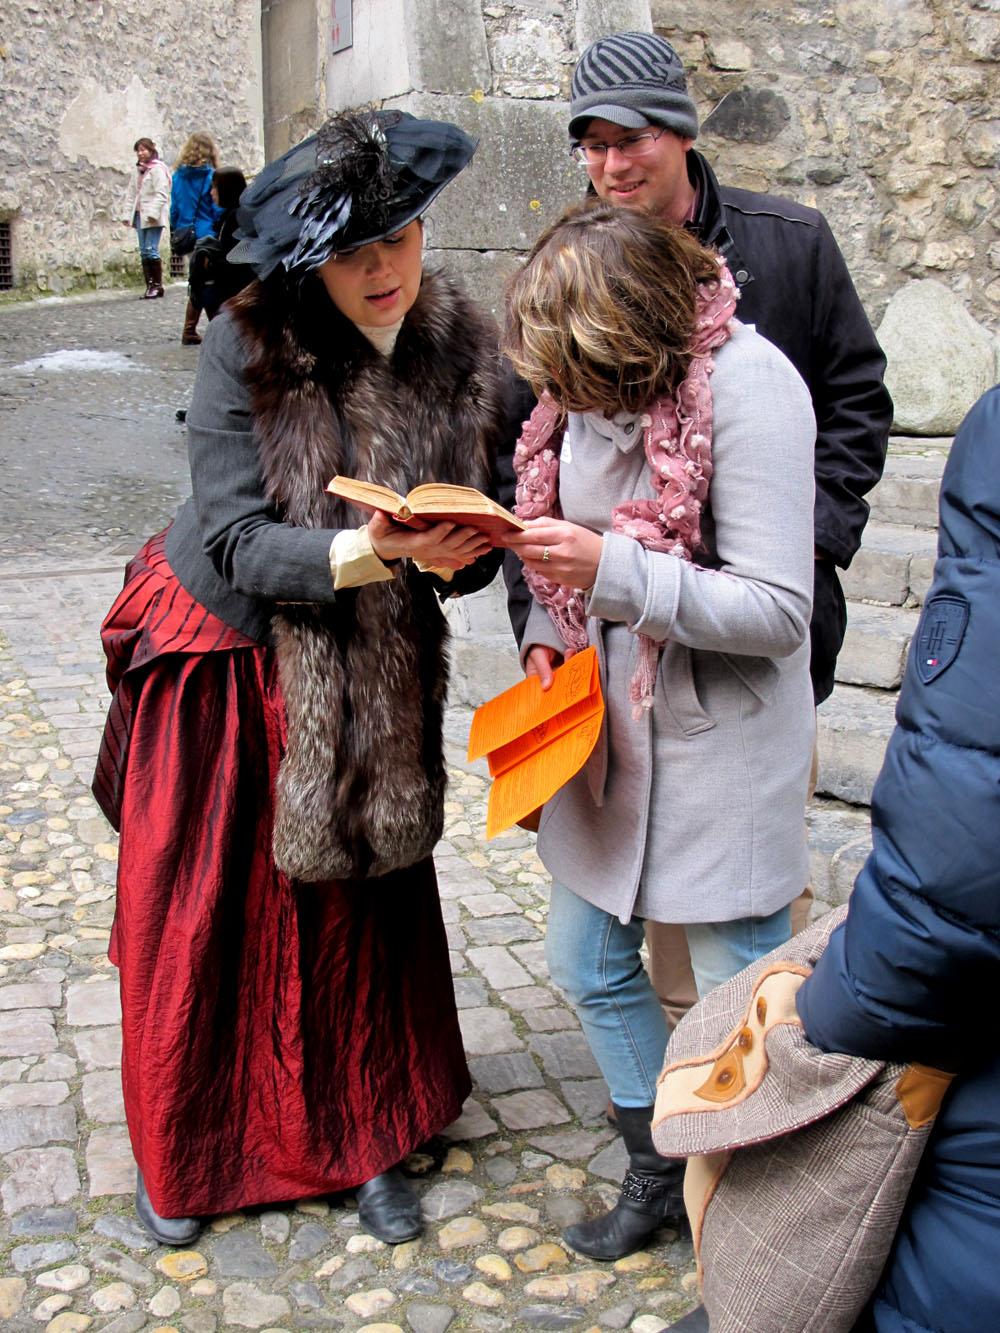 Château de Chillon / Balade Romantique / 13-14 février 2016